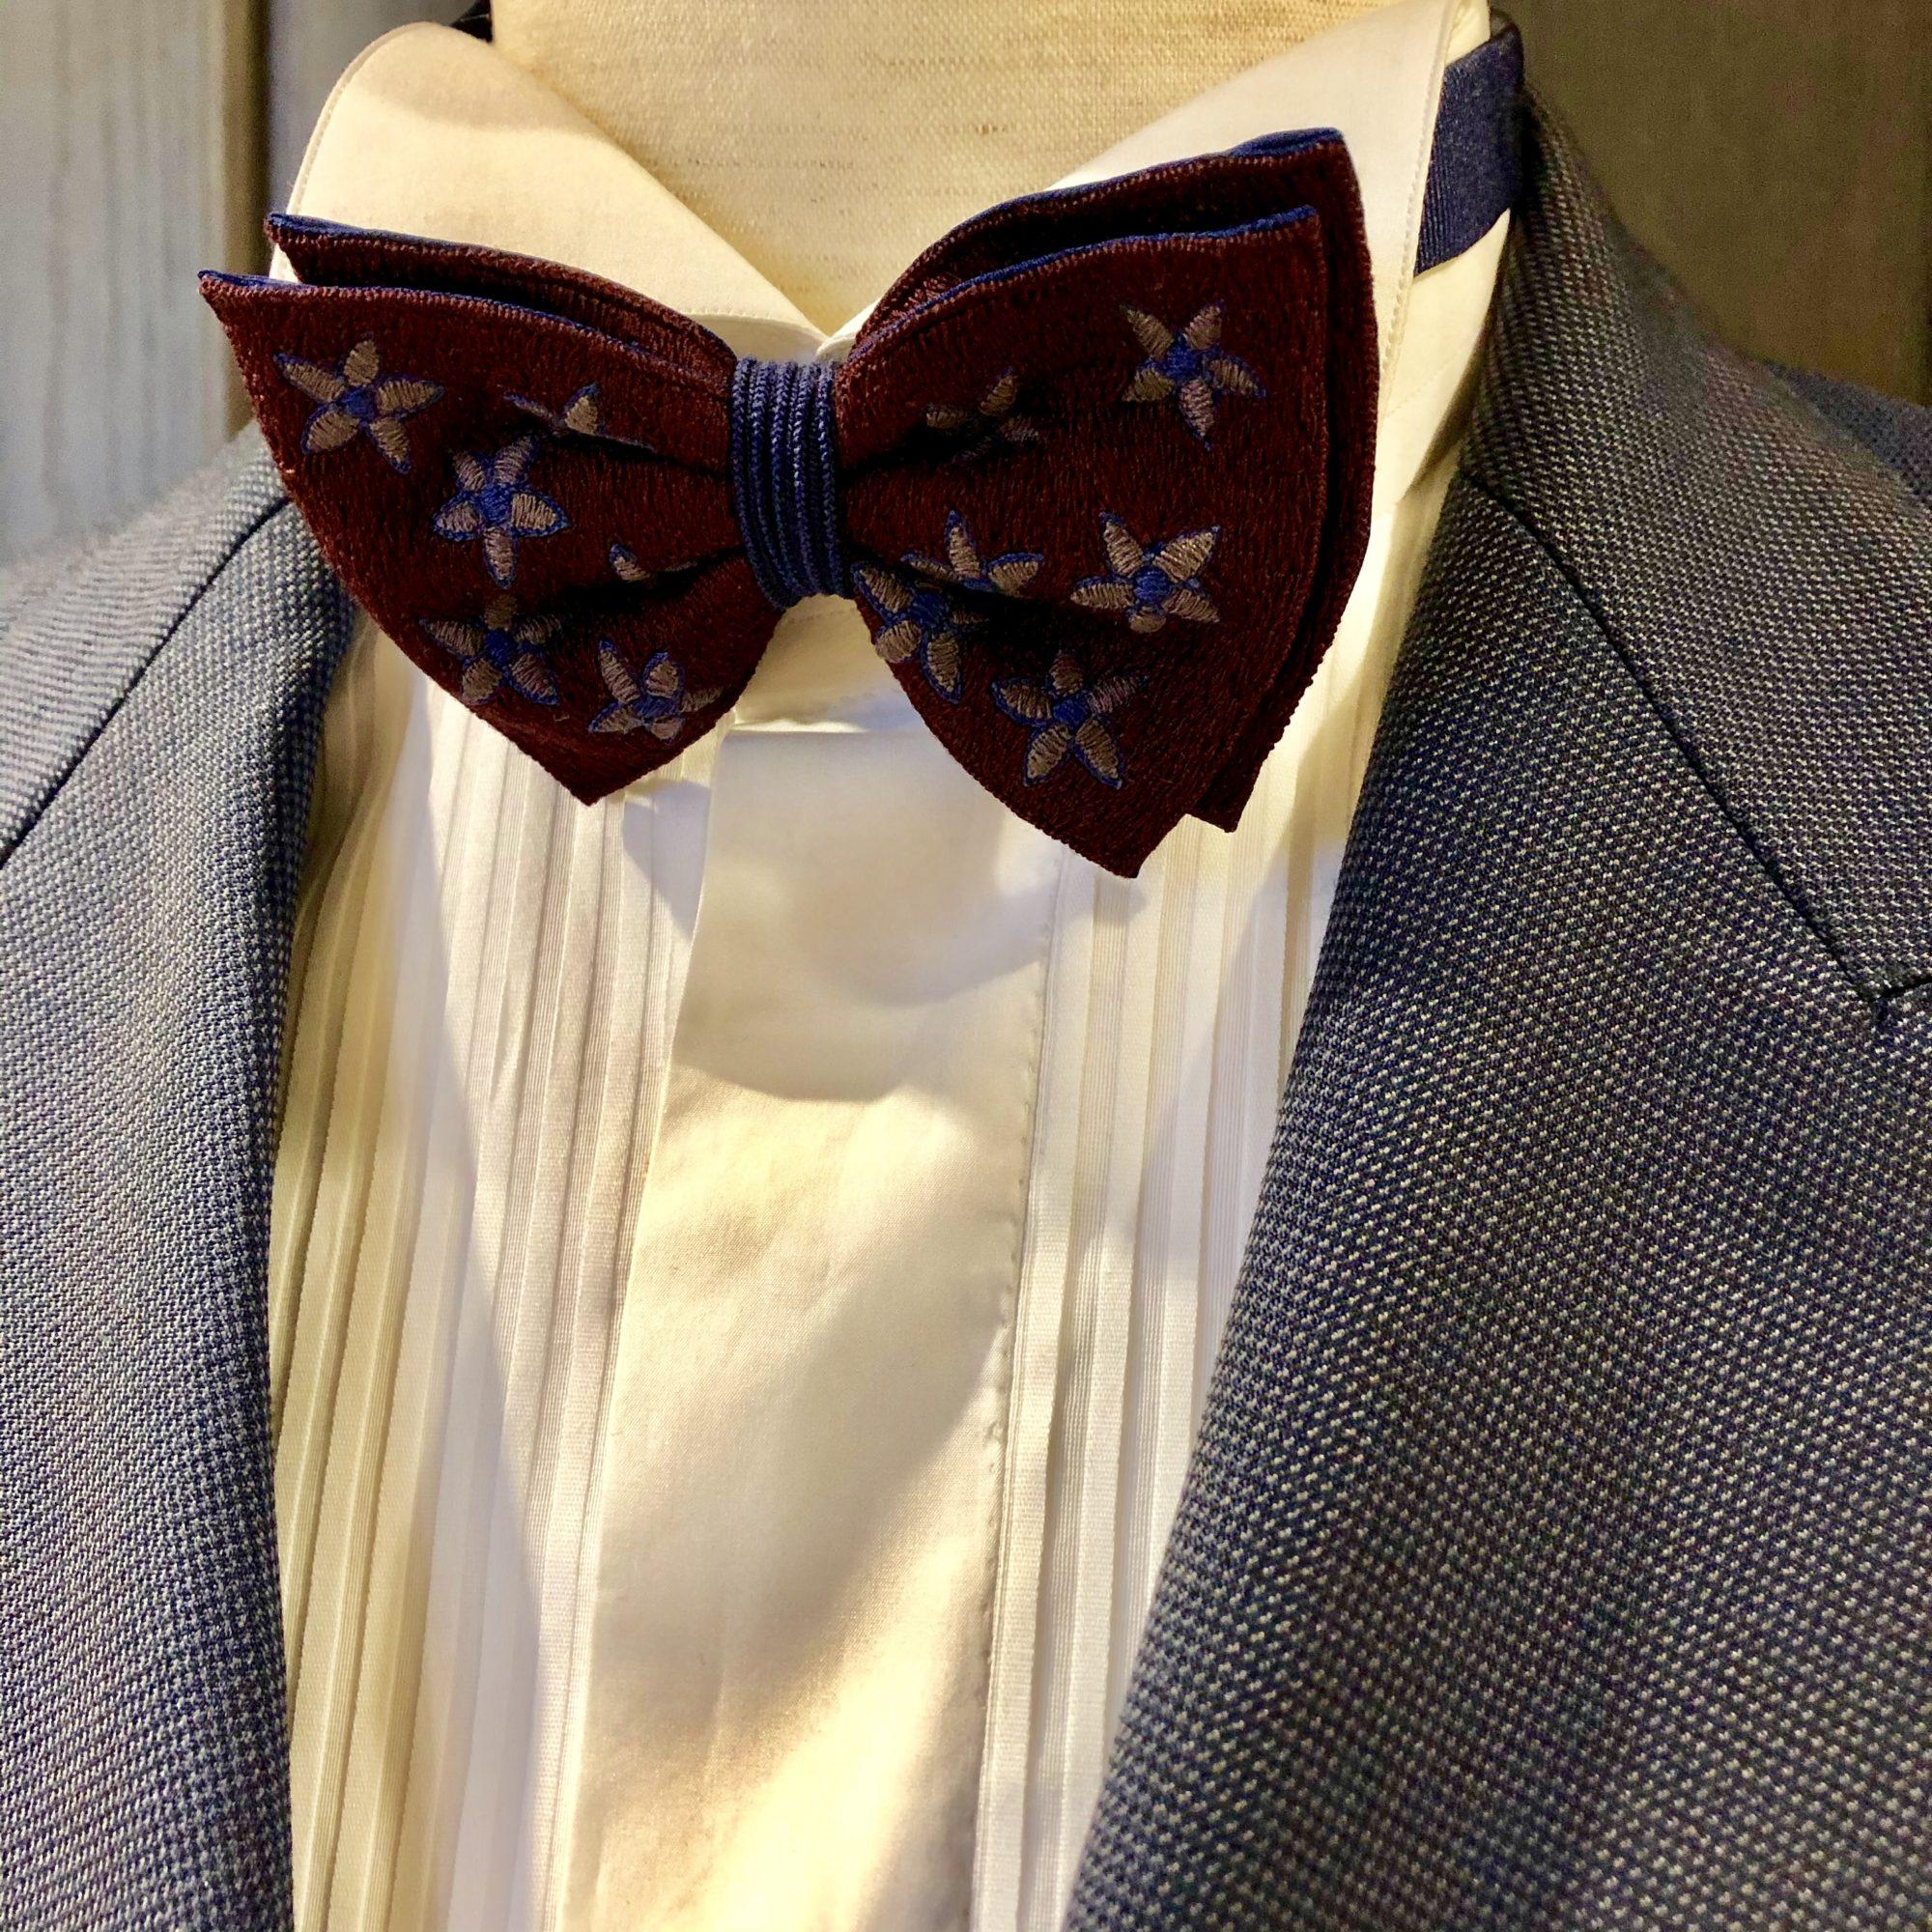 フォーチュンガーデン京都の新郎様におすすめのお色直しスタイル。Jupe by Jackie (ジュップ バイ ジャッキー)のタイ